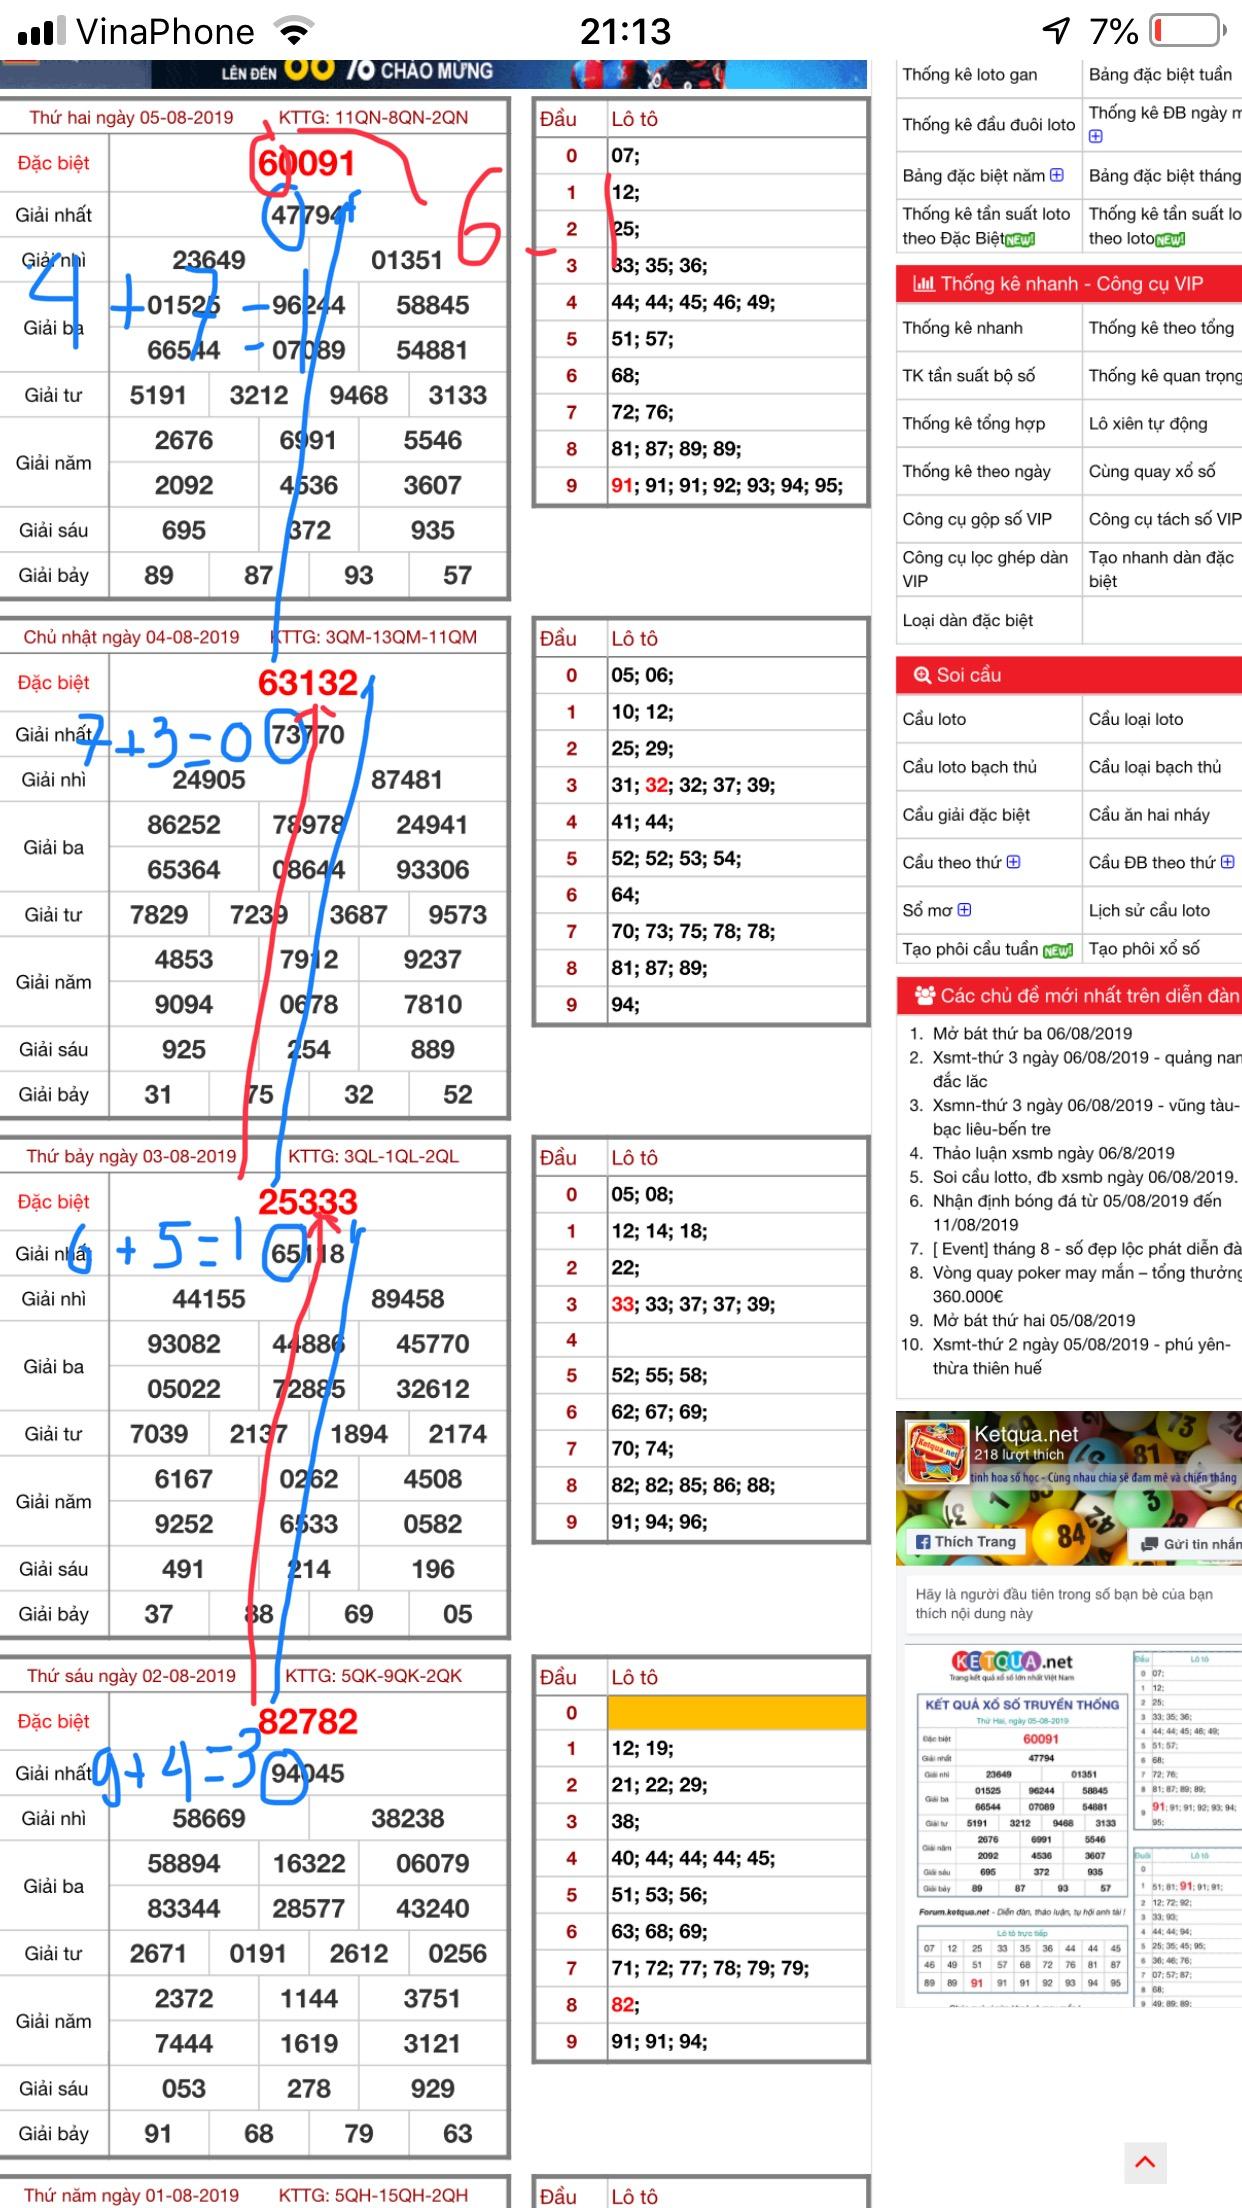 0EB5AFE8-C432-485C-AAA8-FEB0CC1A2A46.jpeg